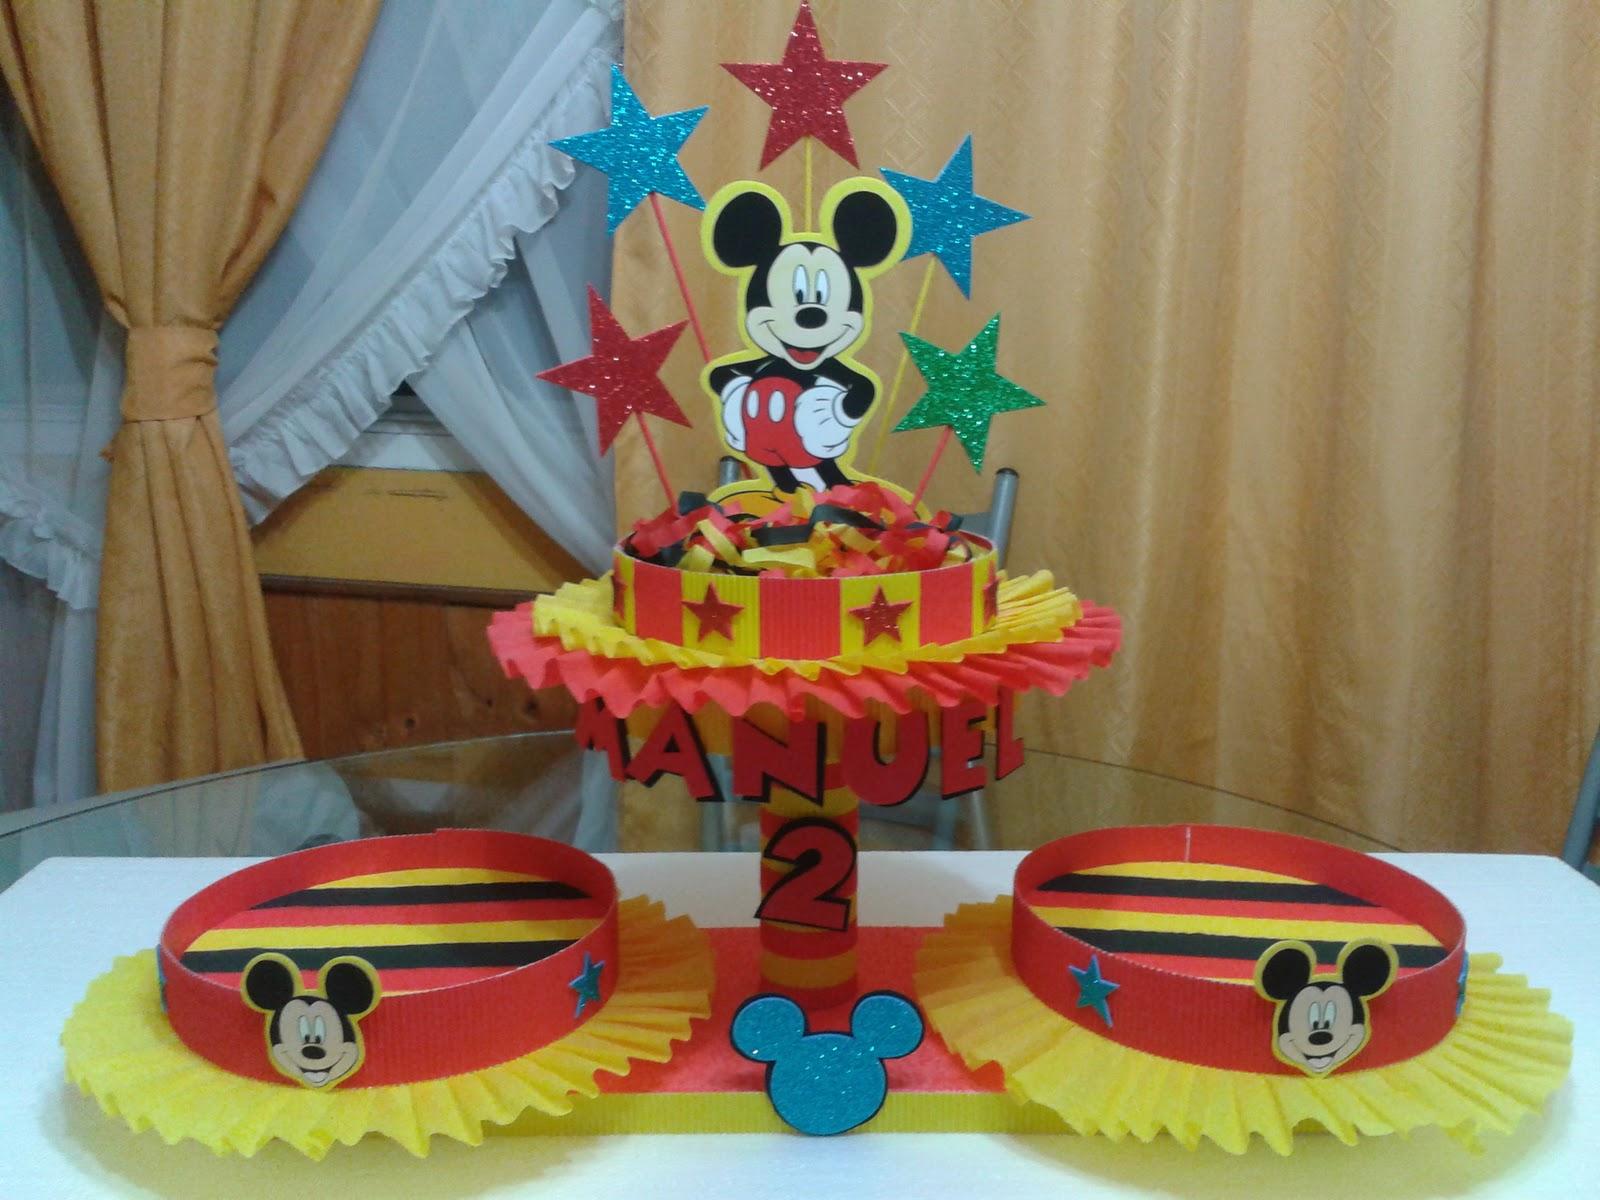 Mickey Mouse Decoraciones Para Fiestas ~ Decoracion De Mickey Mouse Valentika Travesuras En Lima Fiestas Car